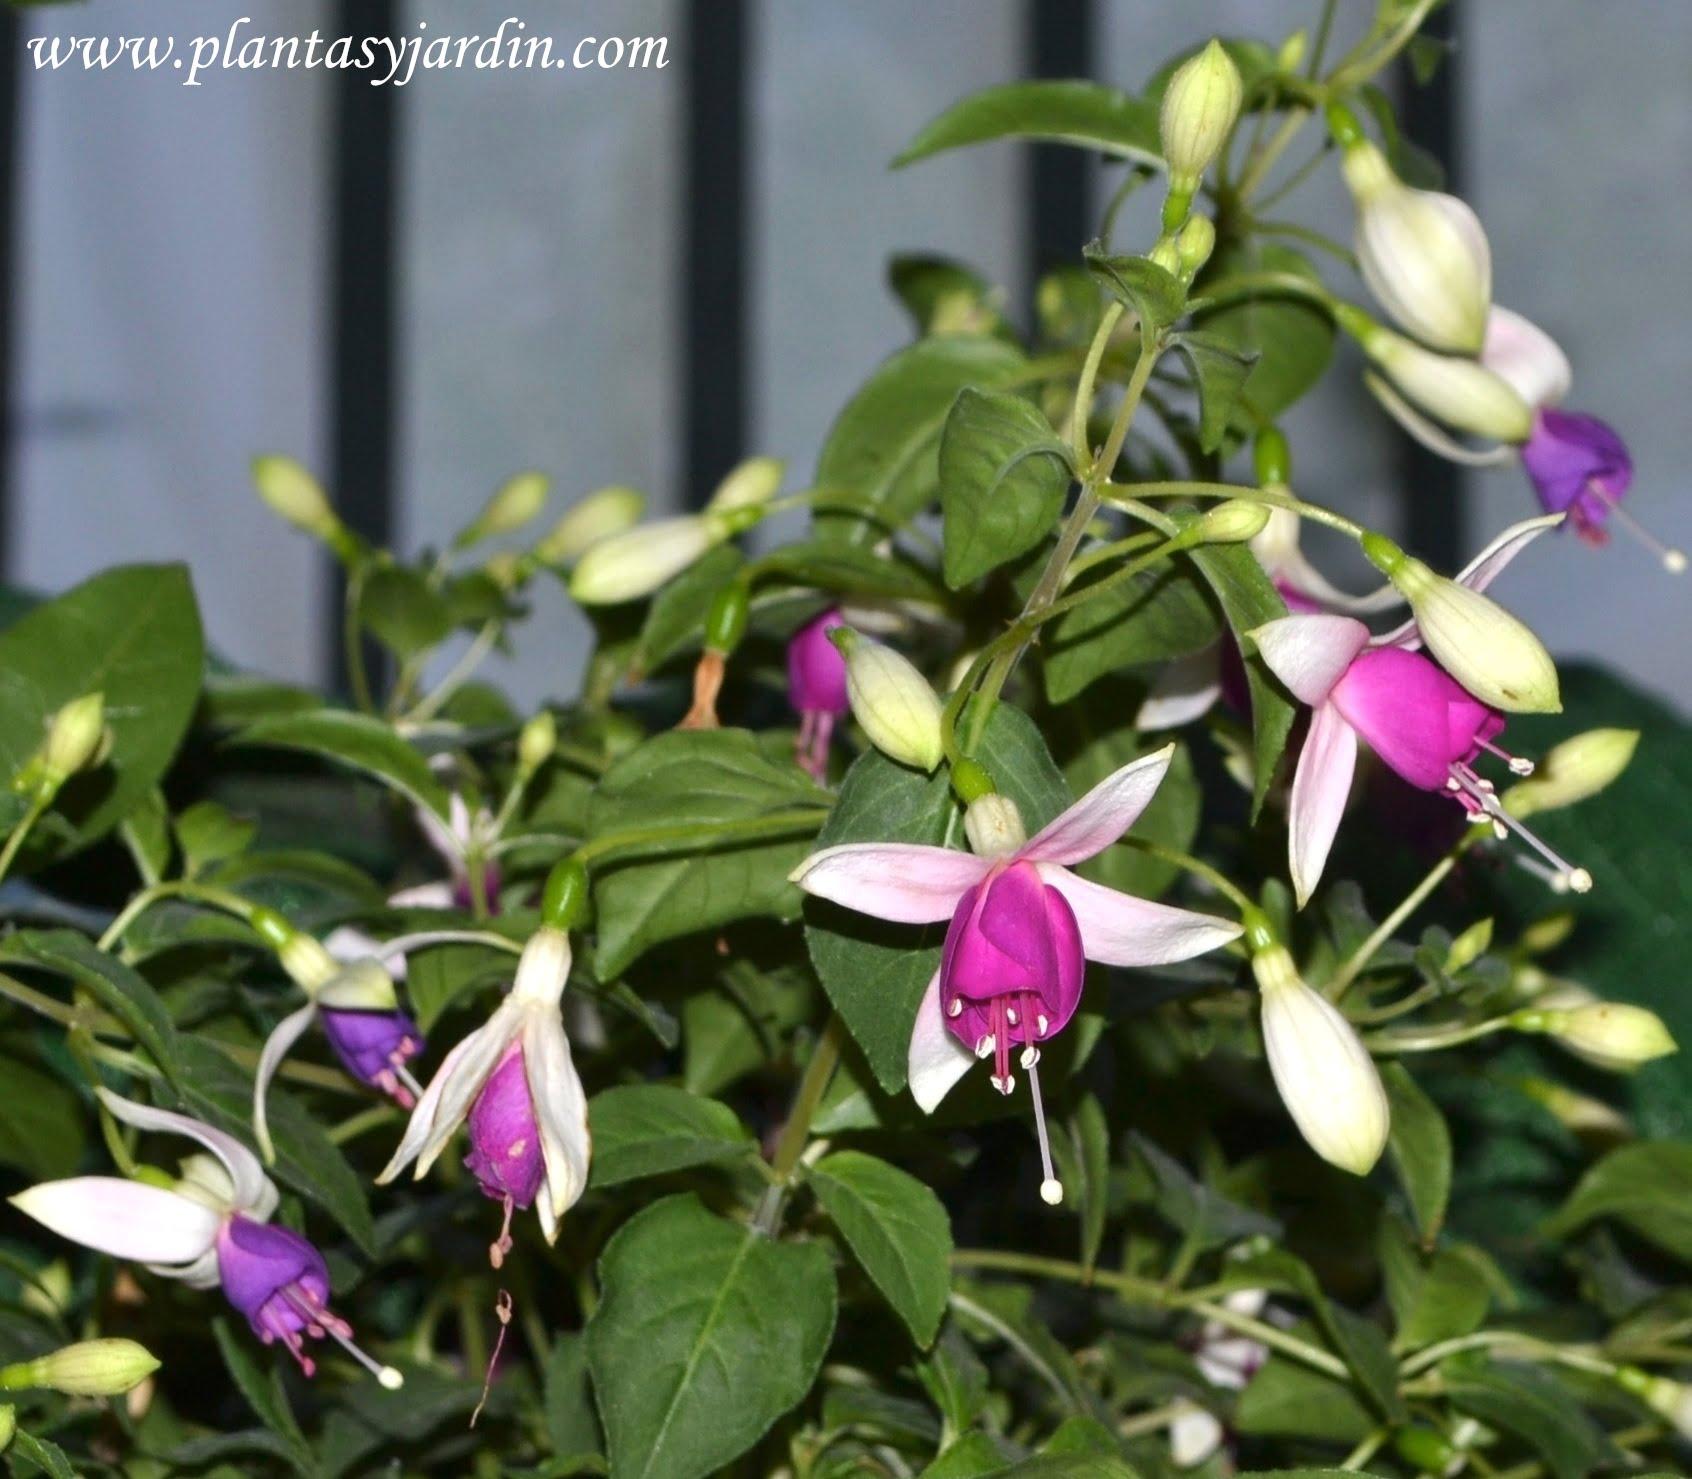 Fucsia sp. florecida en verano